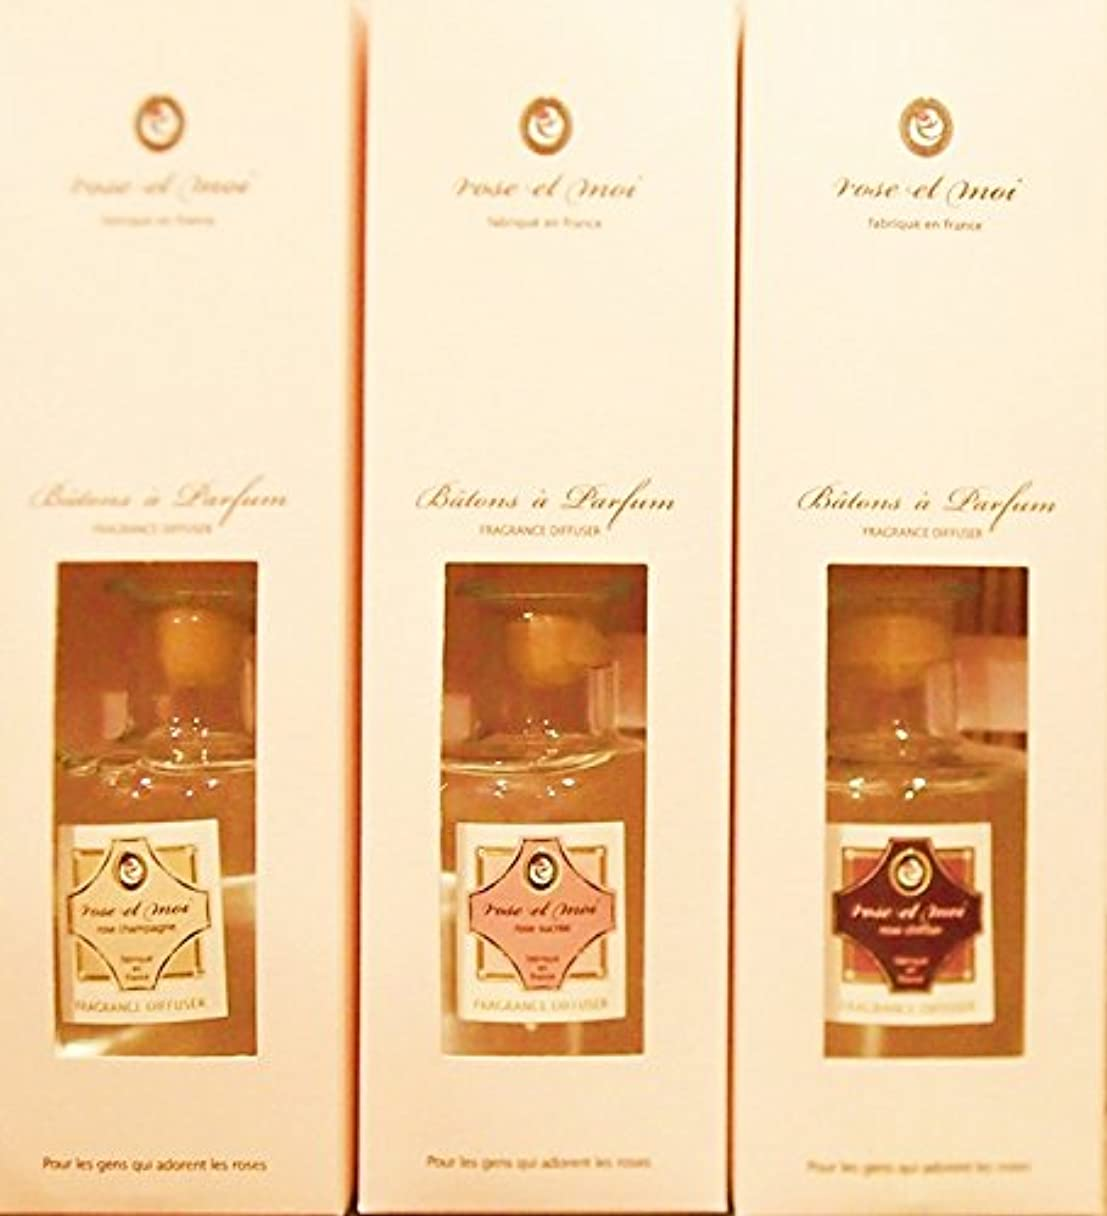 見る人おばあさん利得【ローズシフォン】Lothantique(ロタンティック)  rose et moi(ローズ エ モア)  フレグランスディフューザー 200ml (rose chiffon(ローズ シフォン))4994228026989